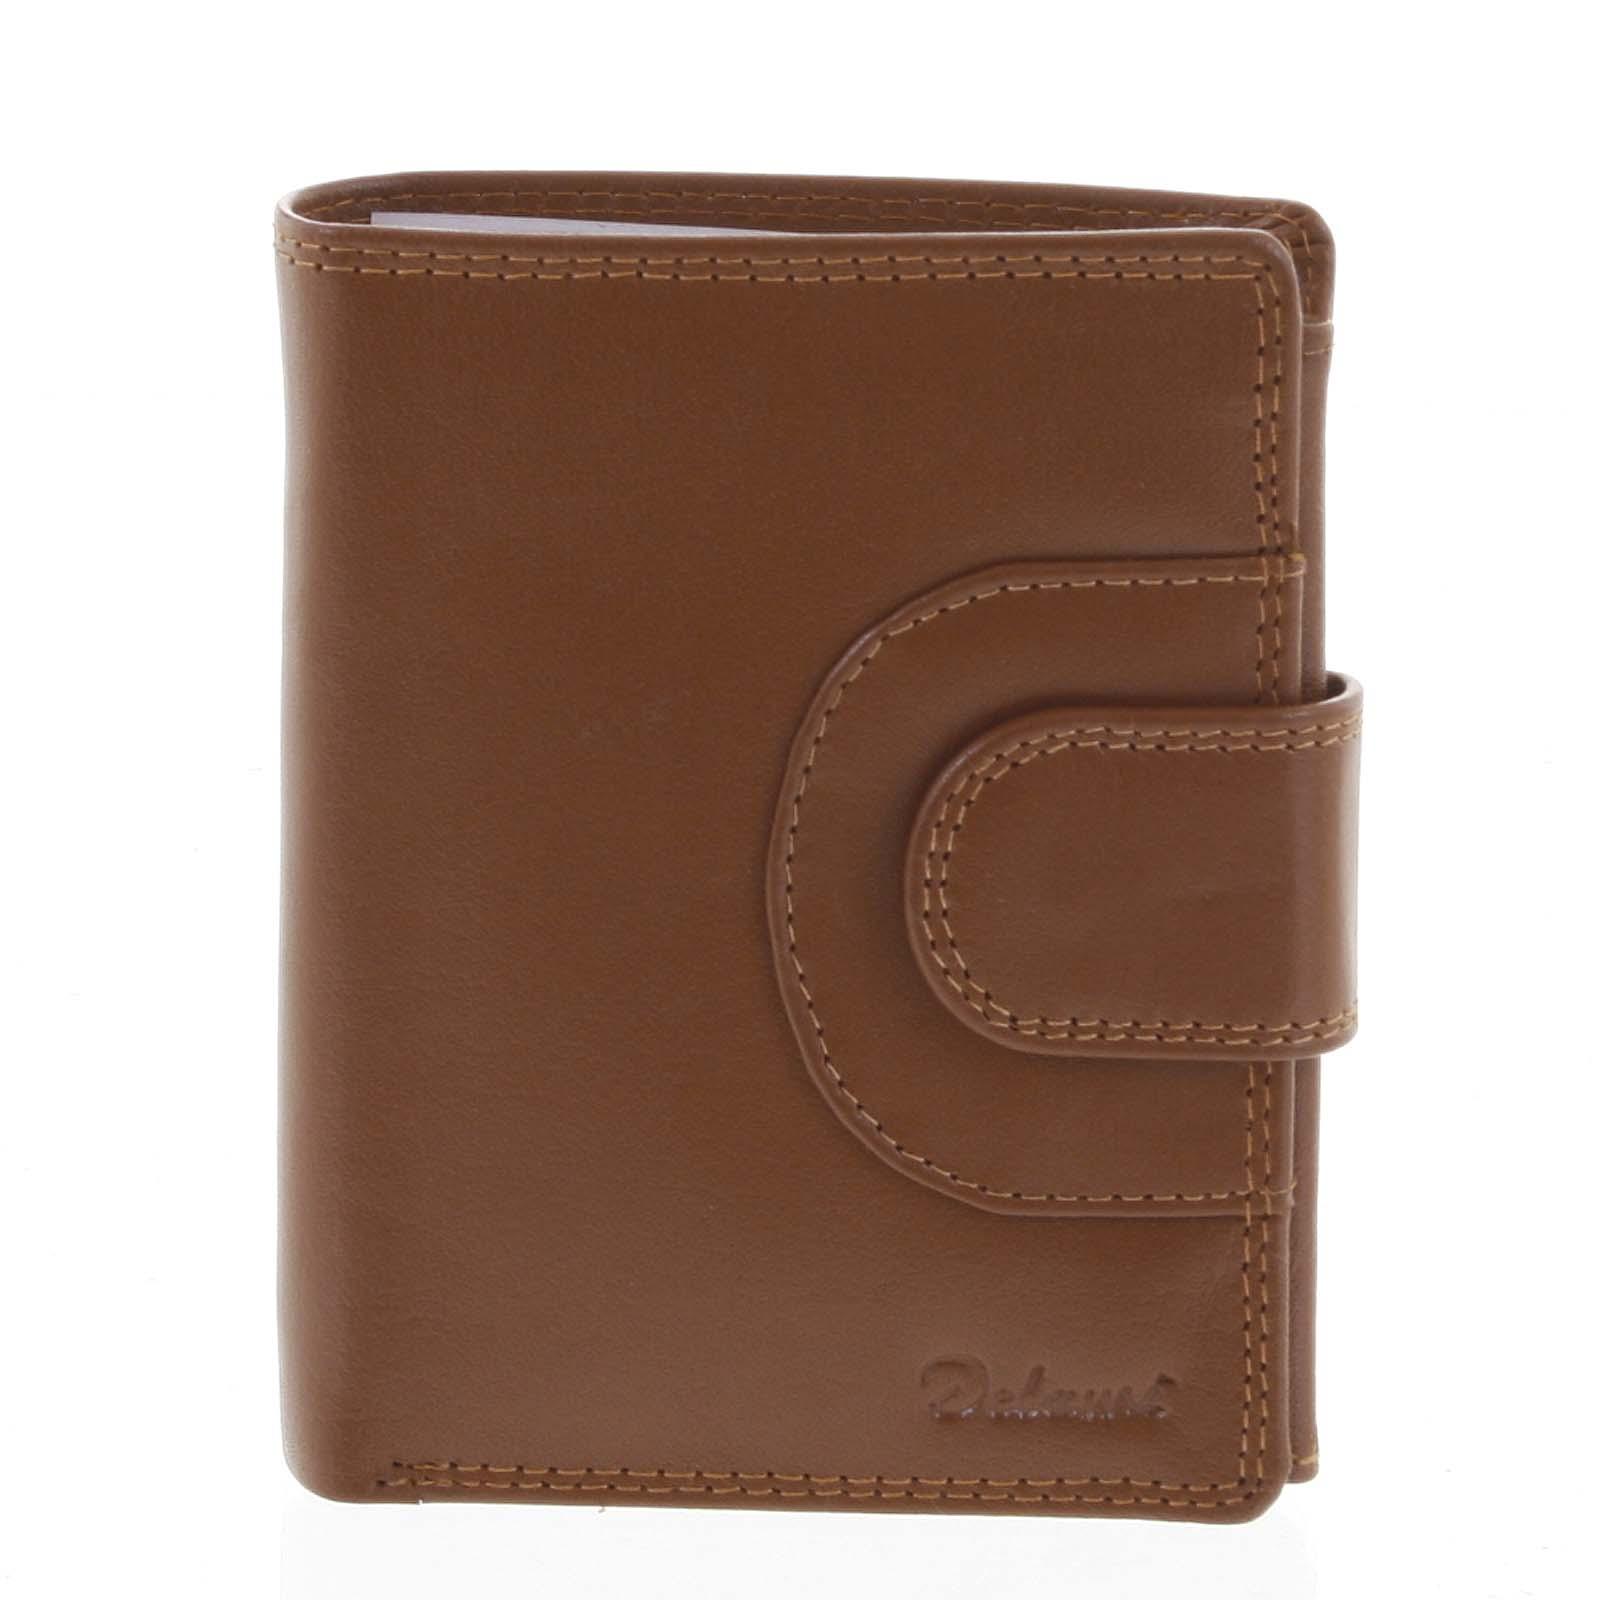 Pánska kožená peňaženka svetlohnedá - Delami Armando